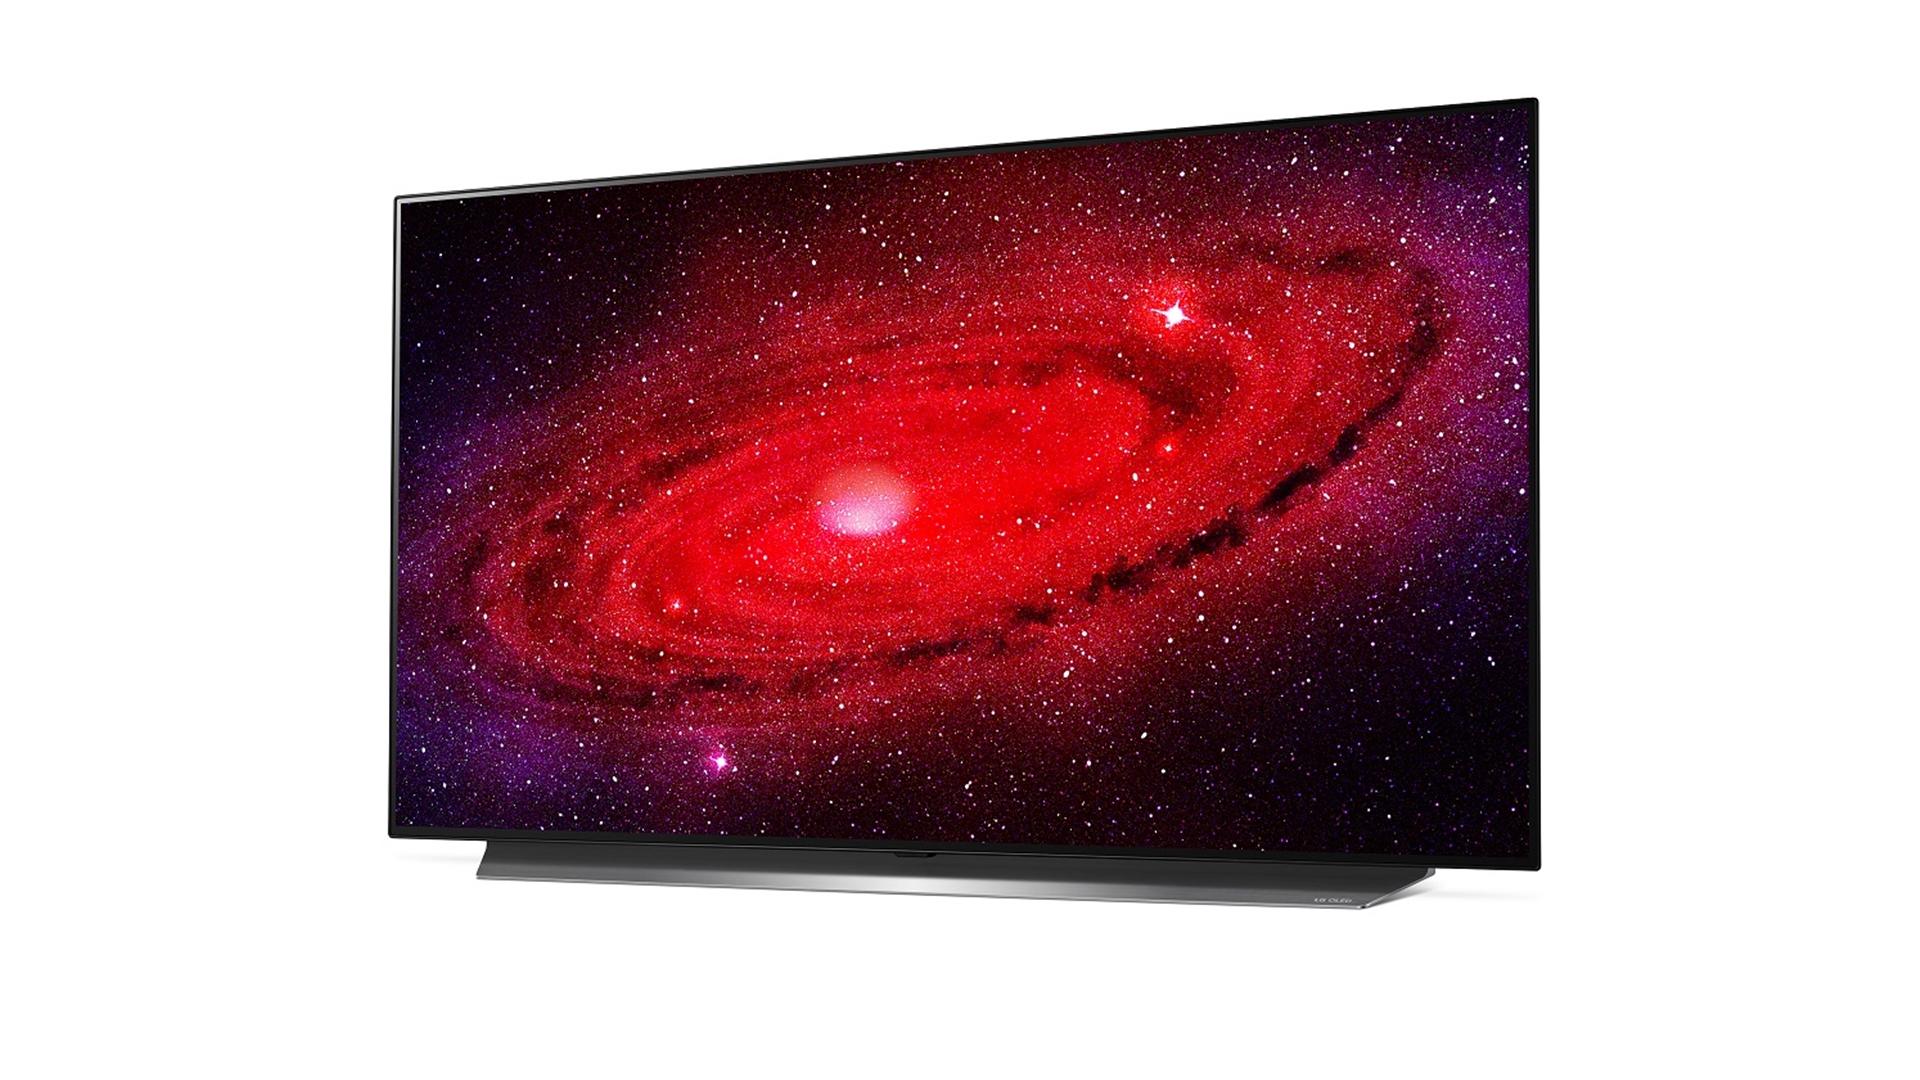 """세계 최고 48형 LG 올레드 TV, 중형 TV 시장의 """"진정한 게임 체인저"""""""